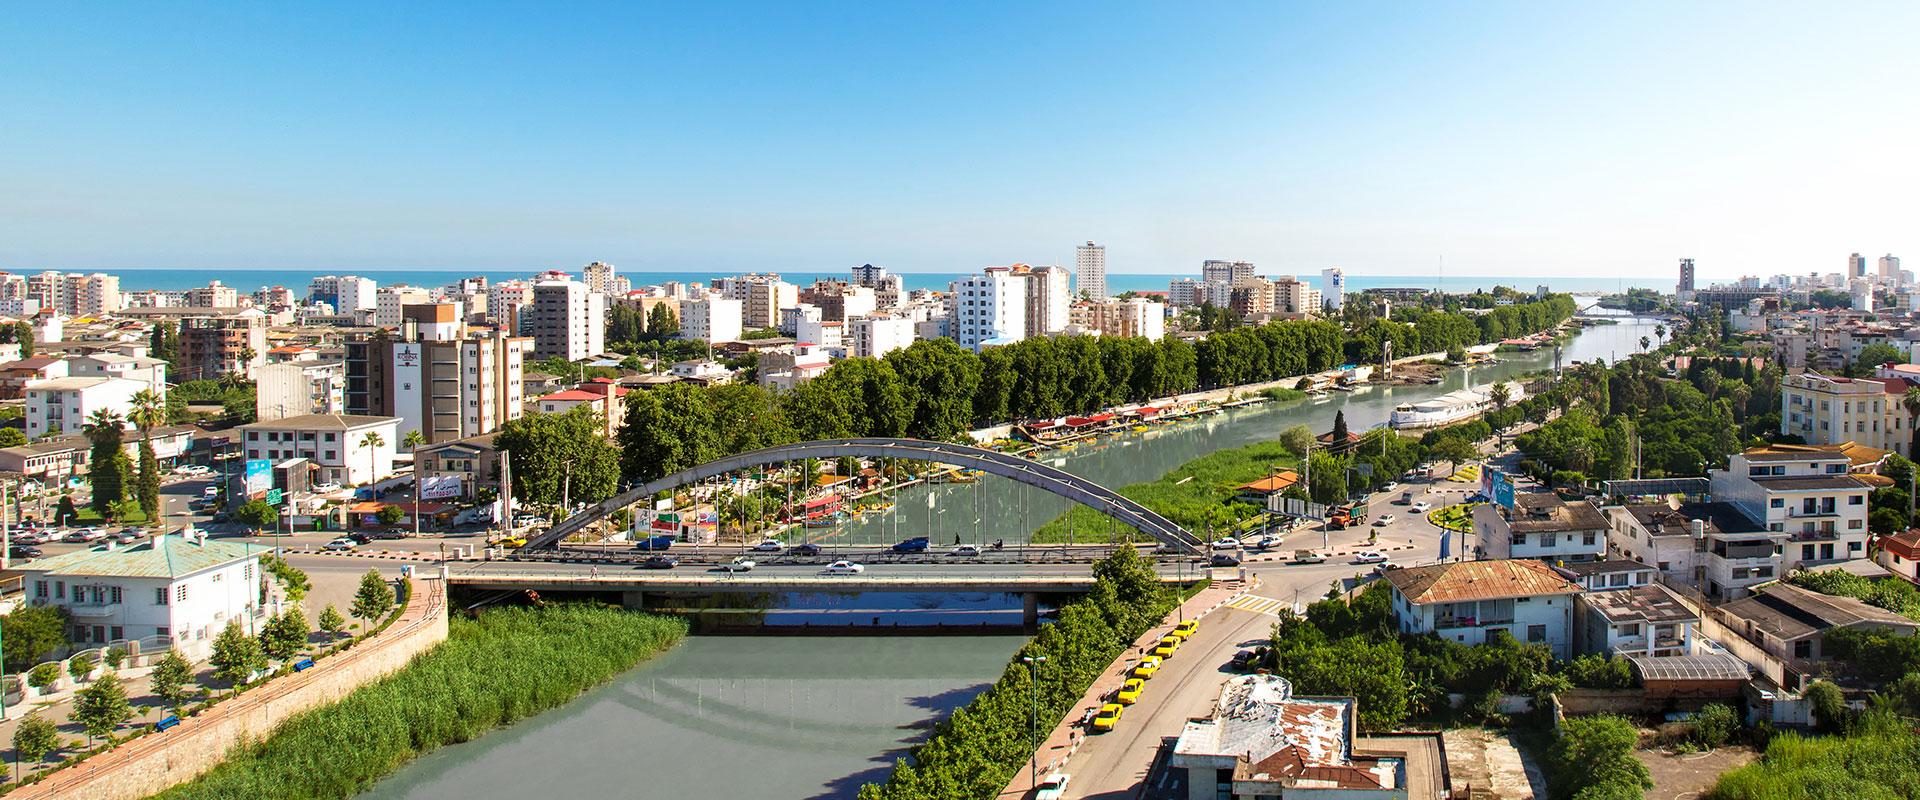 رودخانه بابلرود